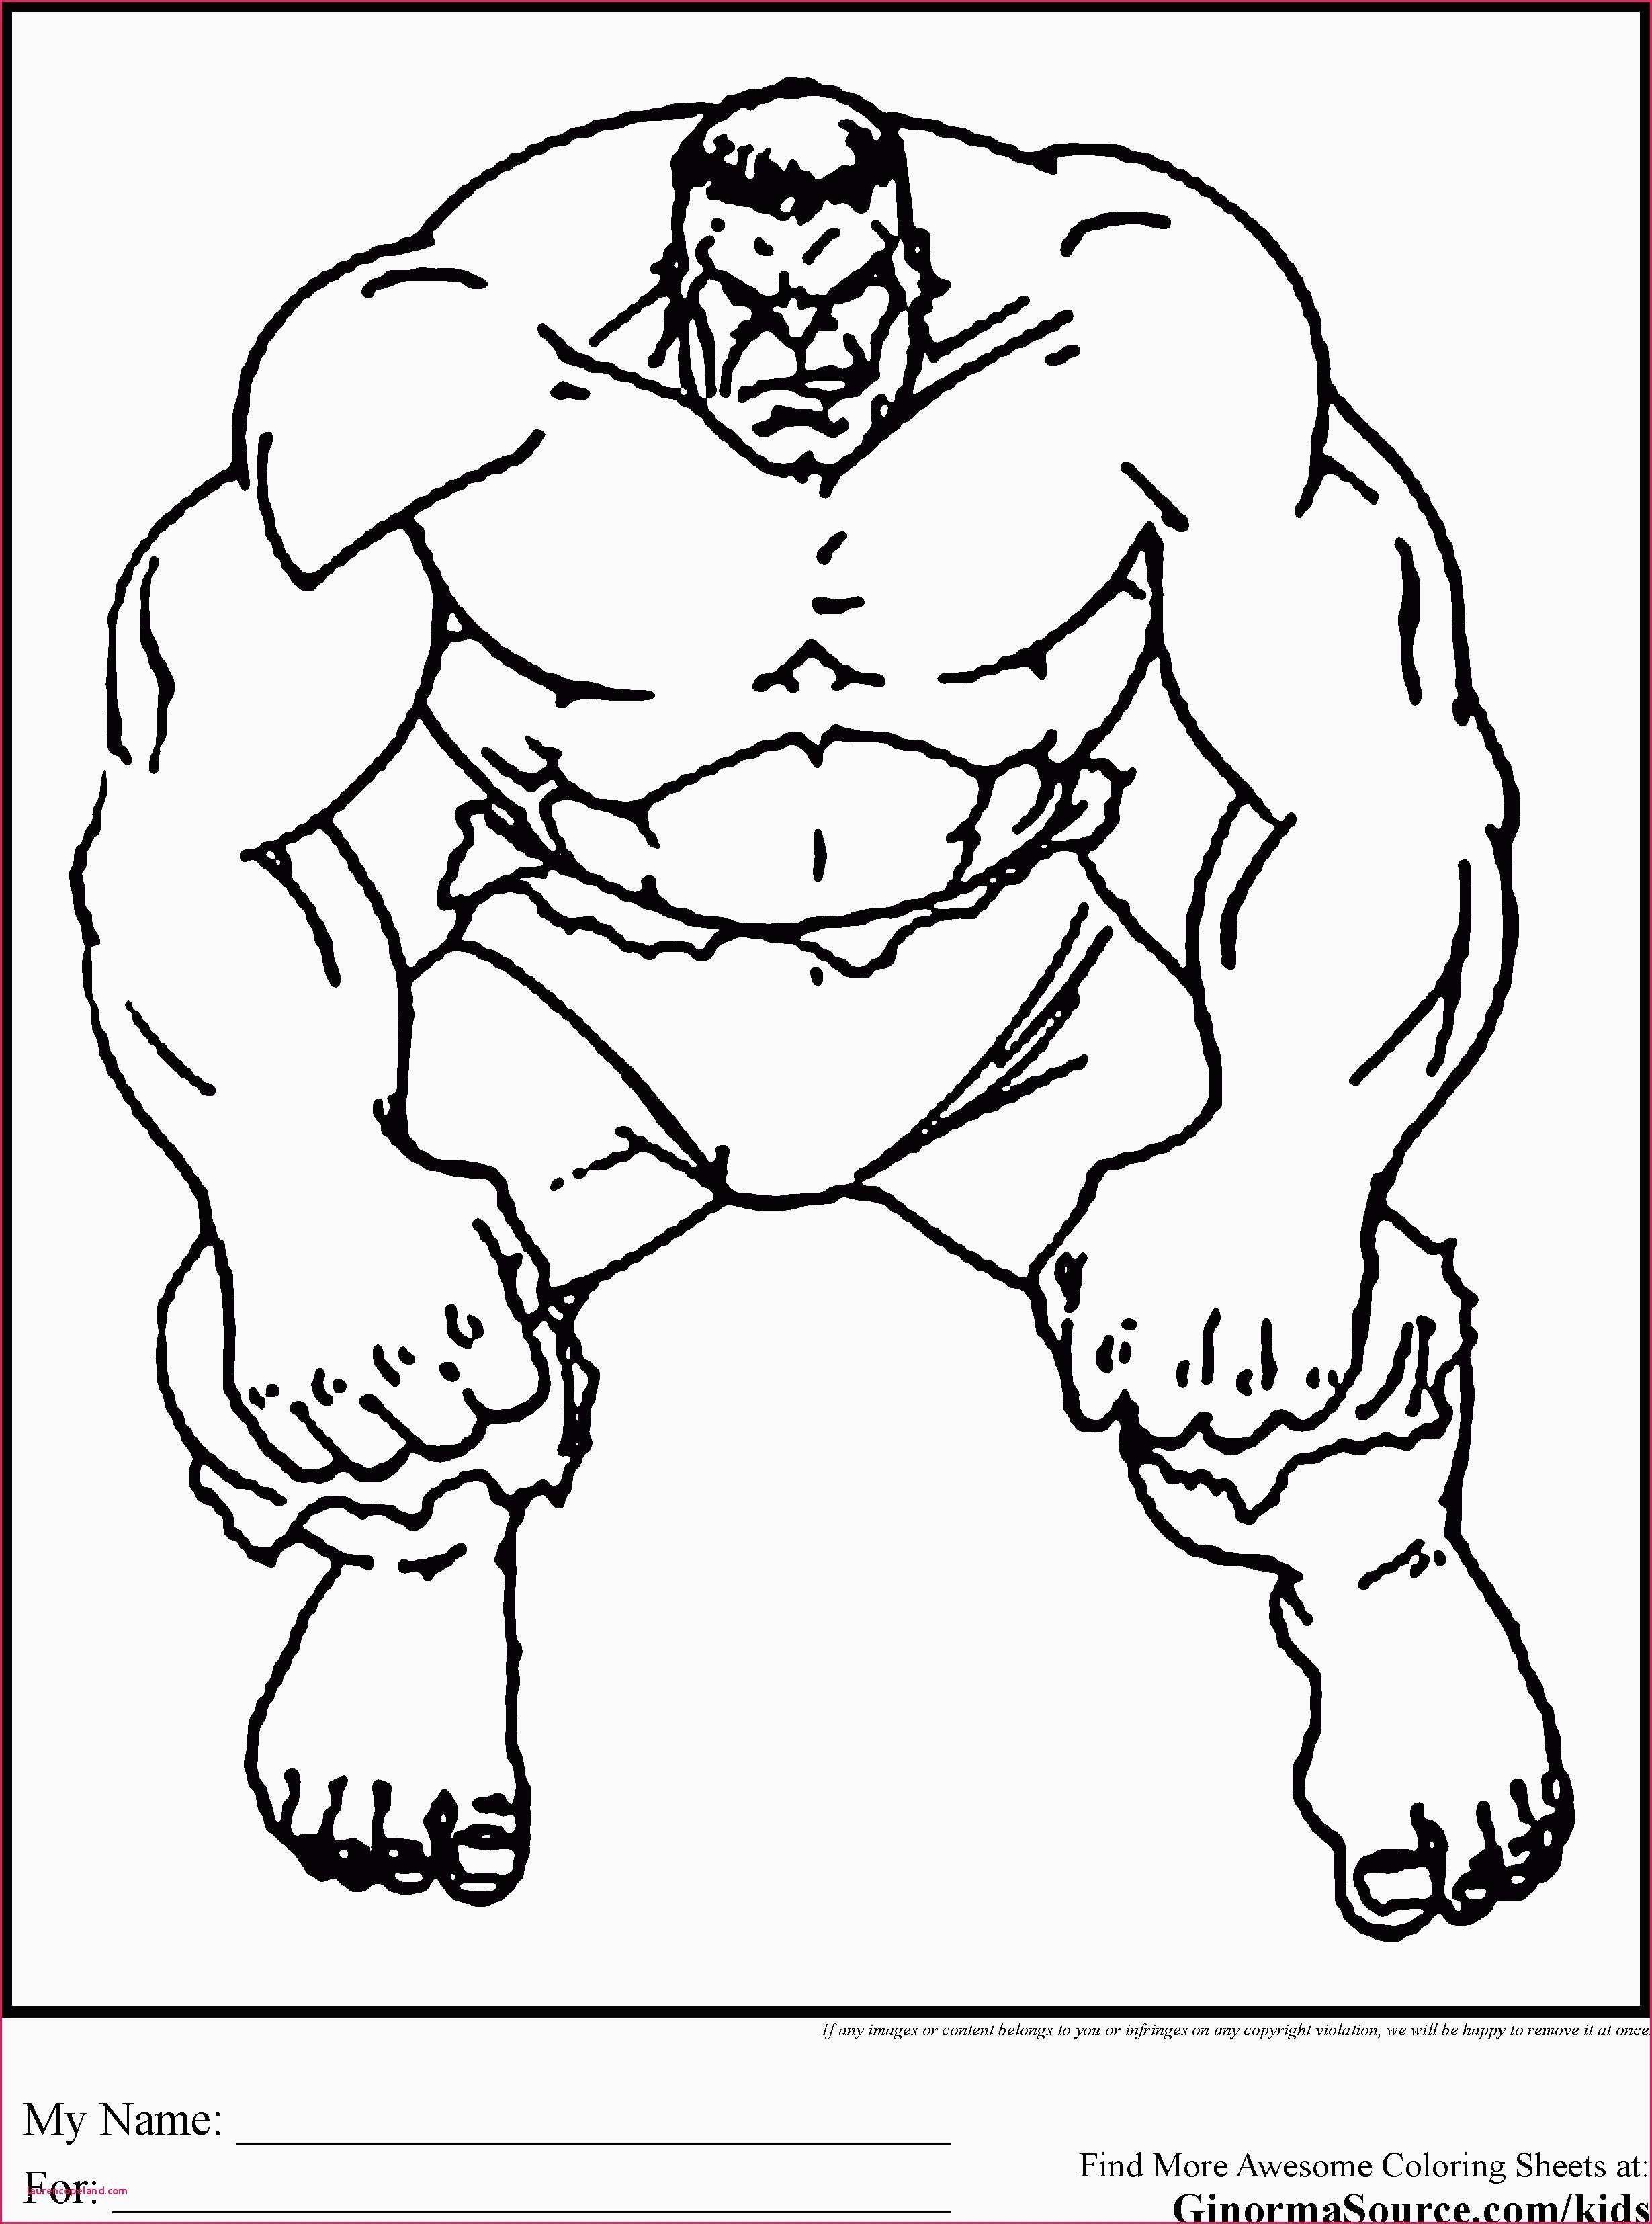 Einzigartig Malvorlagen Ostern Pdf Avengers Coloring Pages Avengers Coloring Hulk Coloring Pages